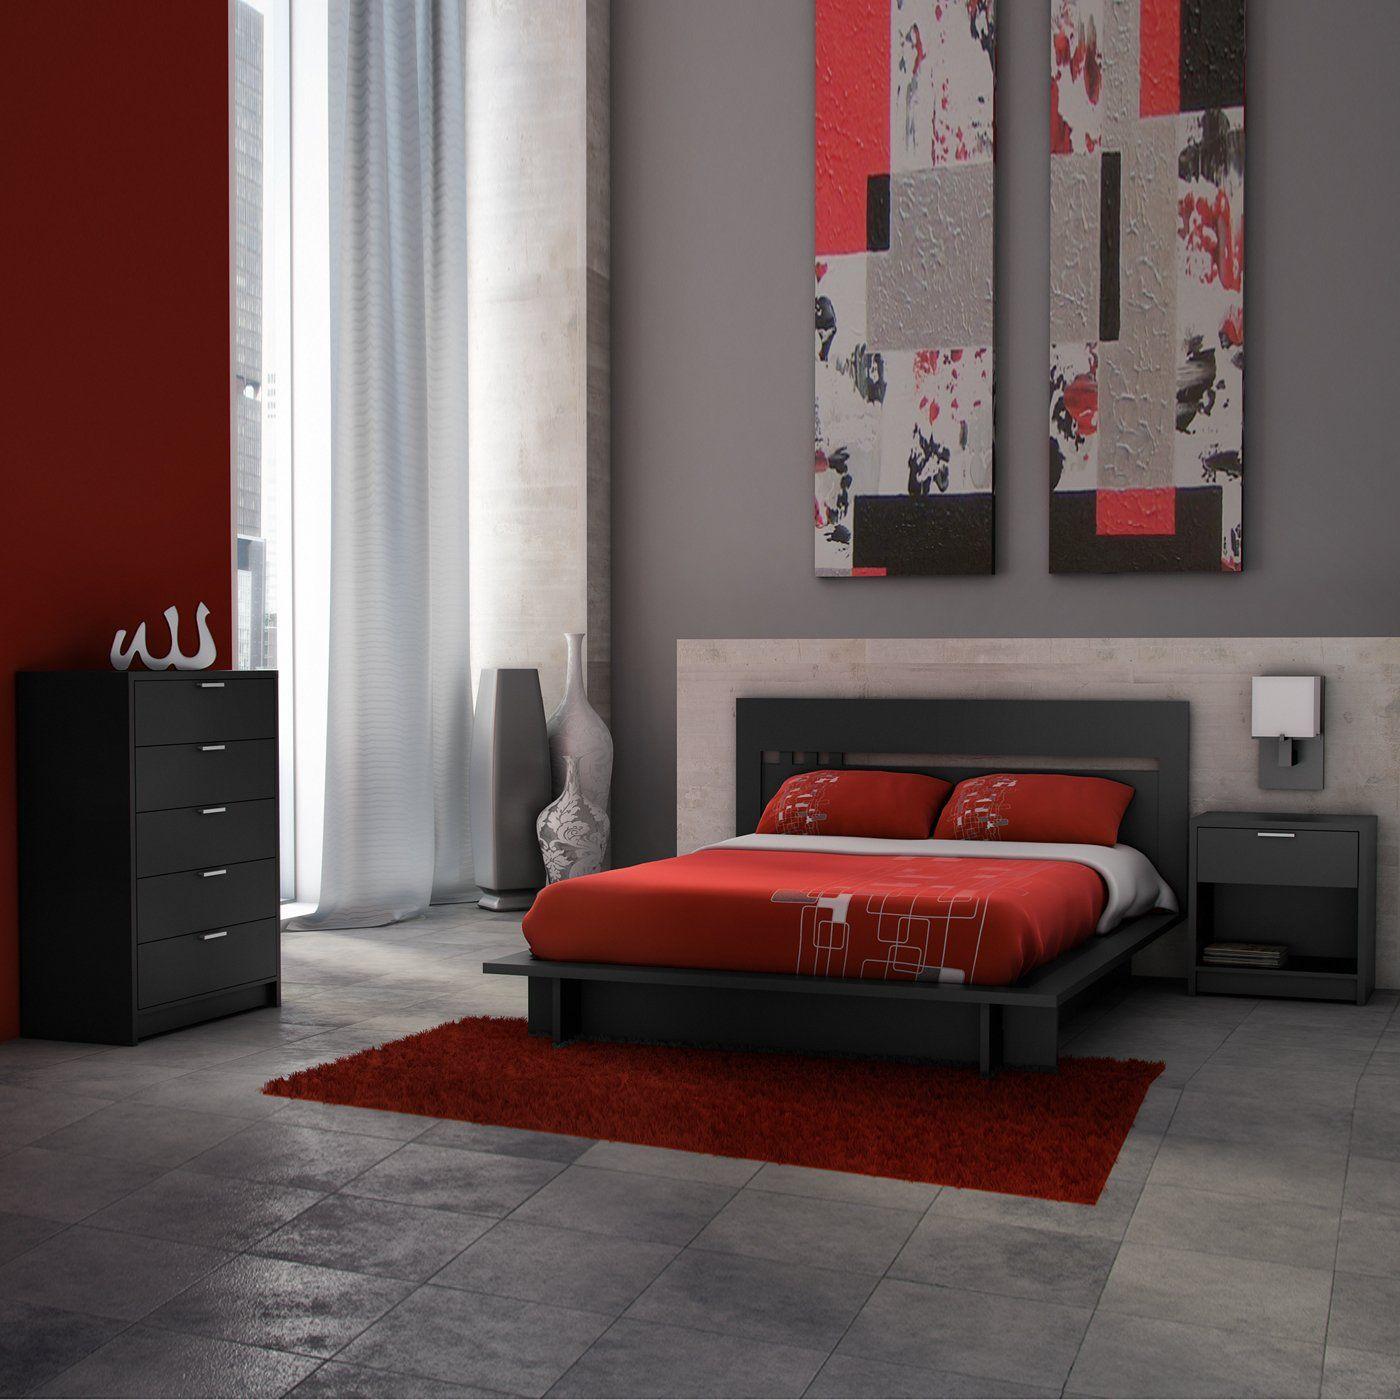 Dormitorio estilo oriental en tonos rojos negros y blancos for Dormitorios orientales